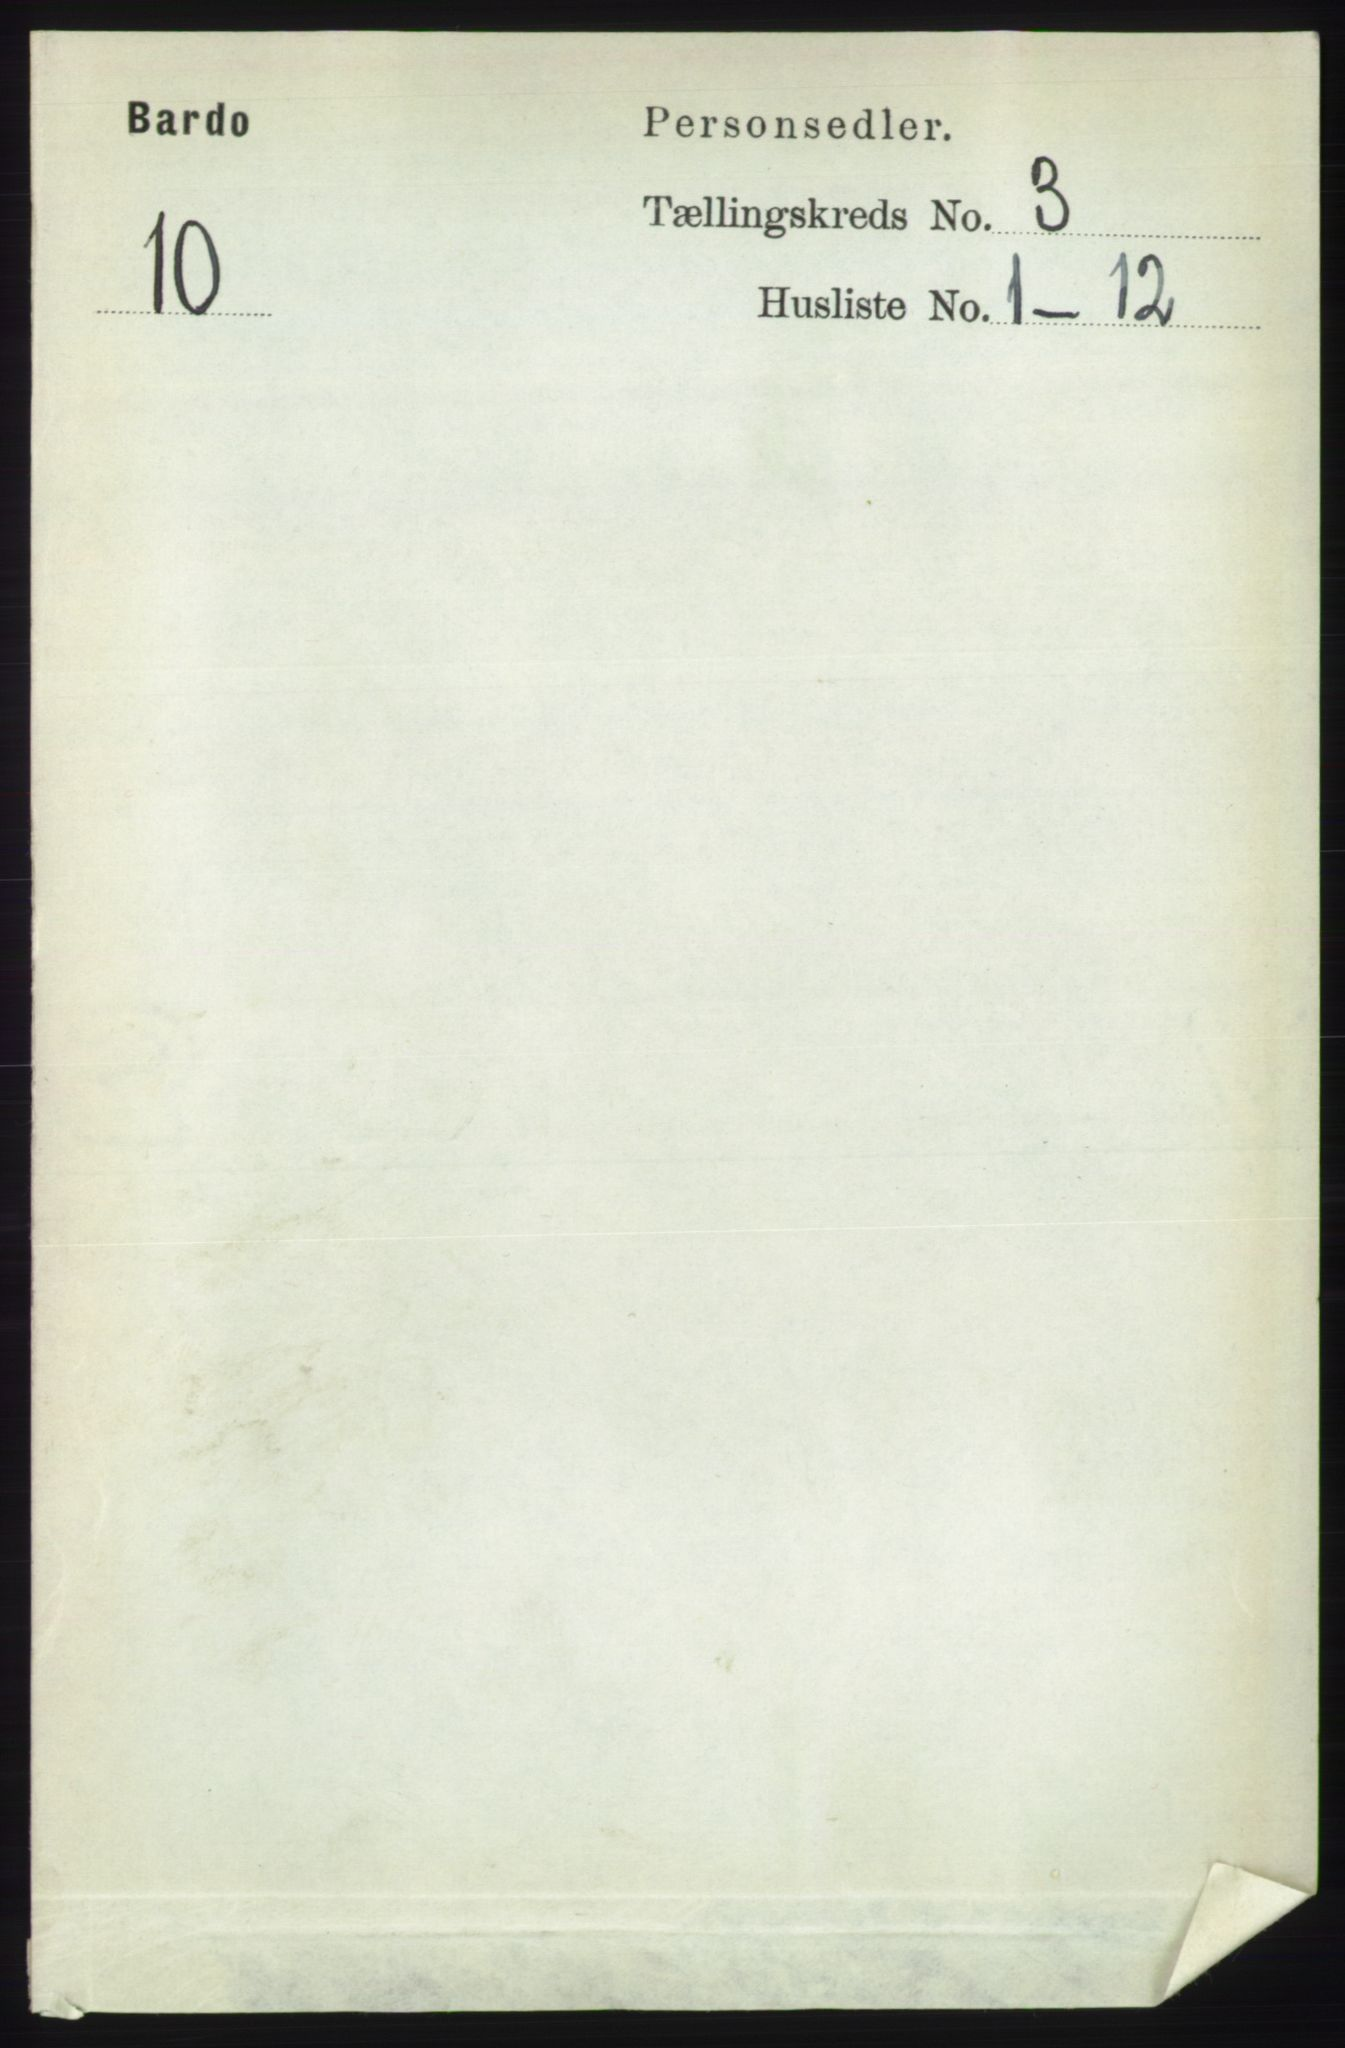 RA, Folketelling 1891 for 1922 Bardu herred, 1891, s. 901